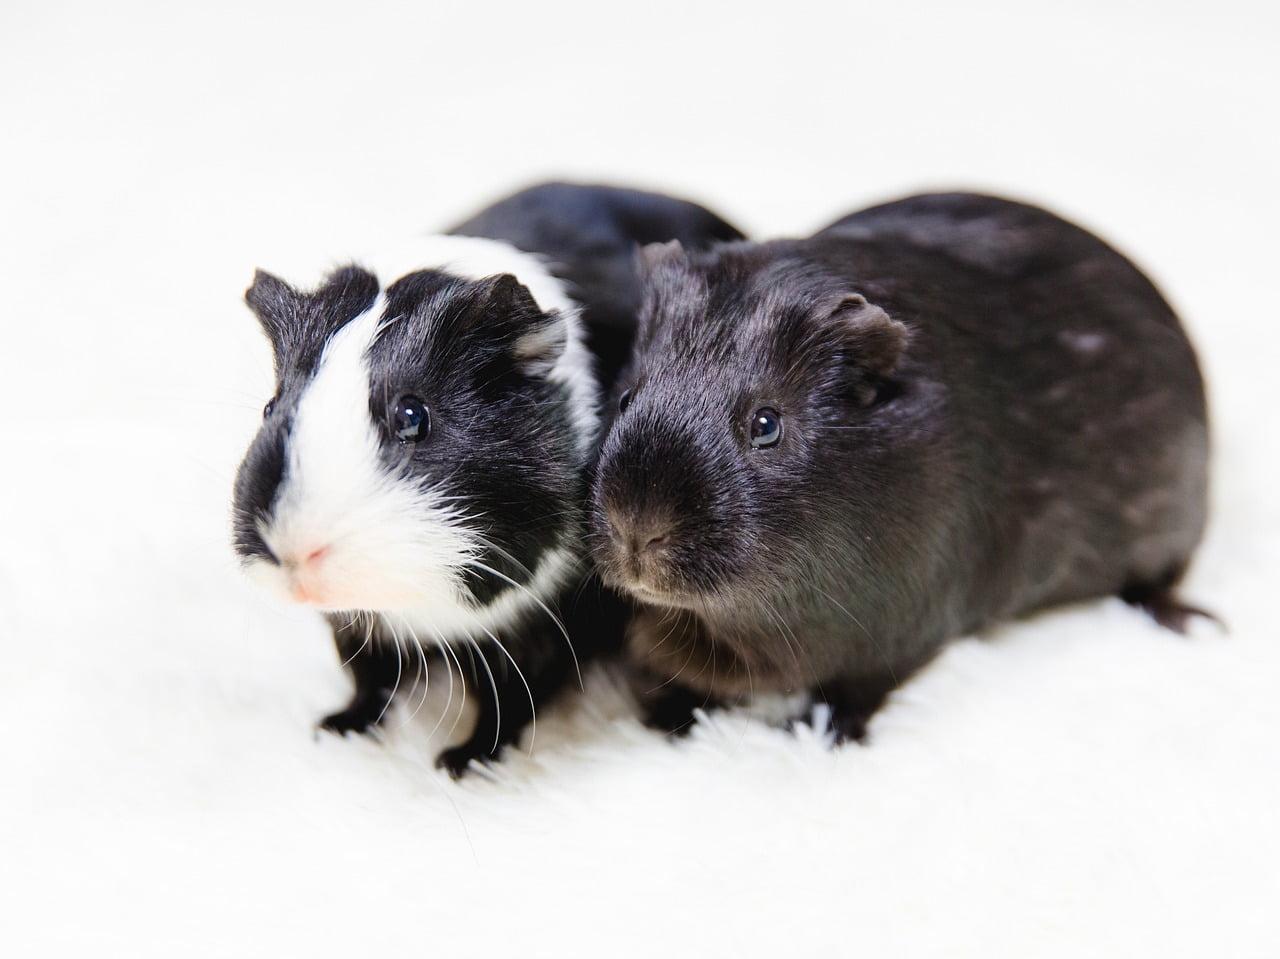 Jakie są rasy świnek morskich?